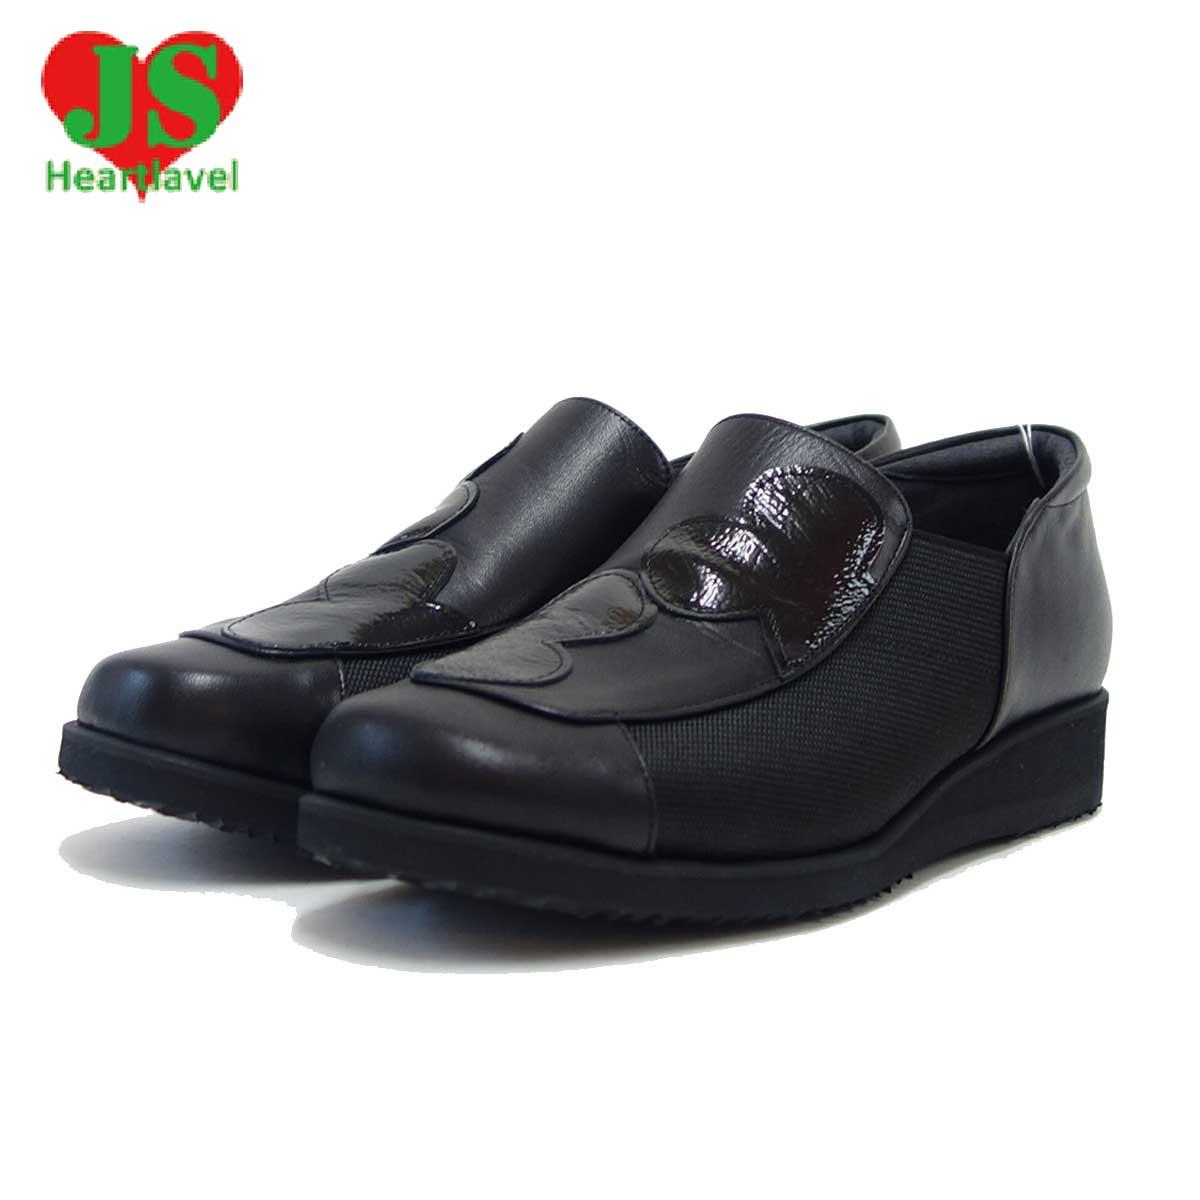 ジェイエス ハートラベル JS Heartlavel 1159 ブラック(レディース)日本製 ゆったりEEEEの楽ちんシューズ「靴」